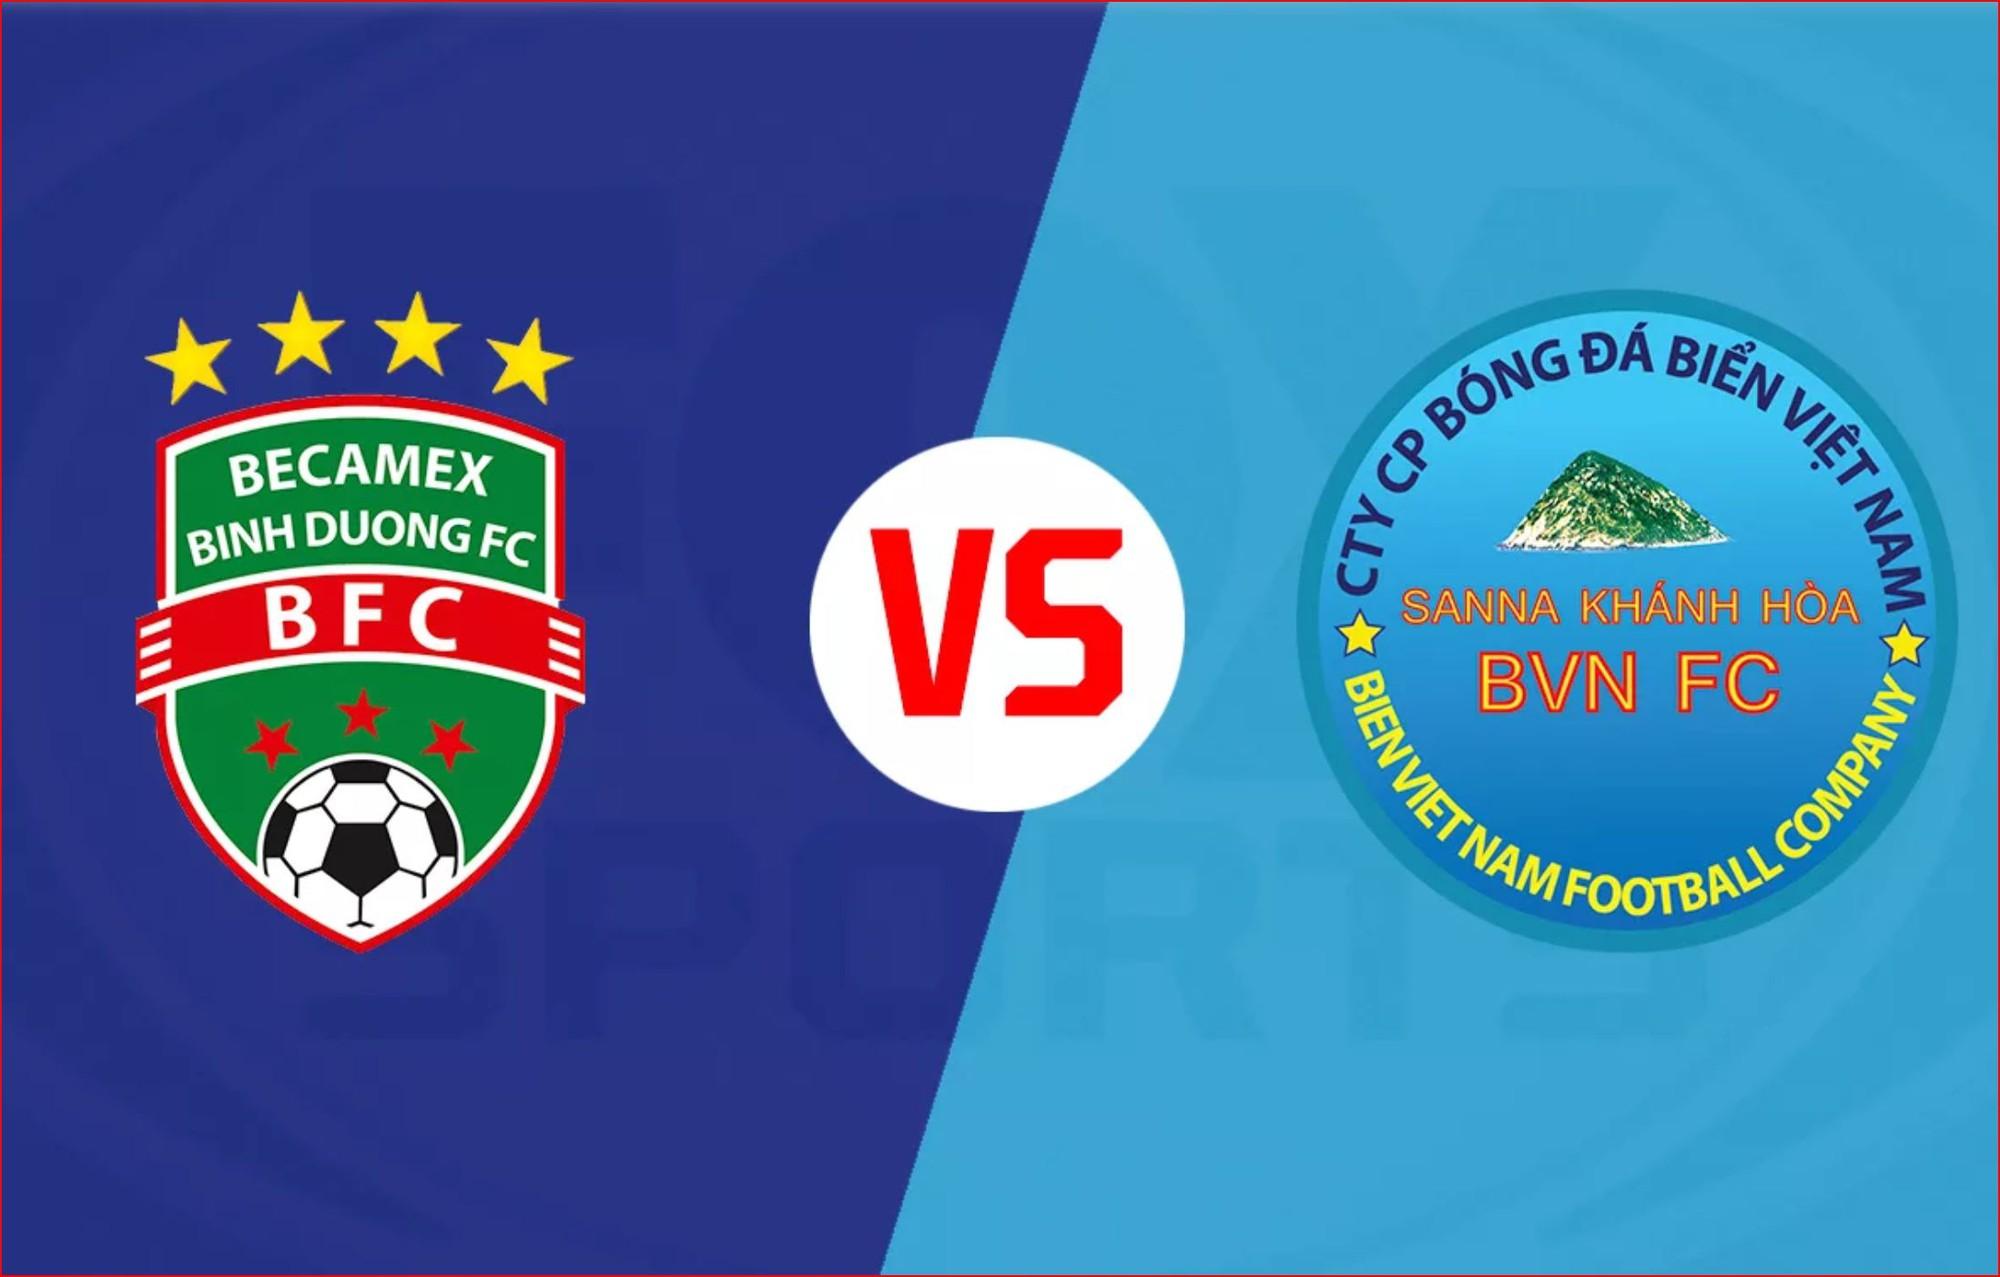 Nhận định Bình Dương vs Khánh Hòa (17h00, 31/5) vòng 12 V-League 2019: Khách áp đảo chủ - Ảnh 1.